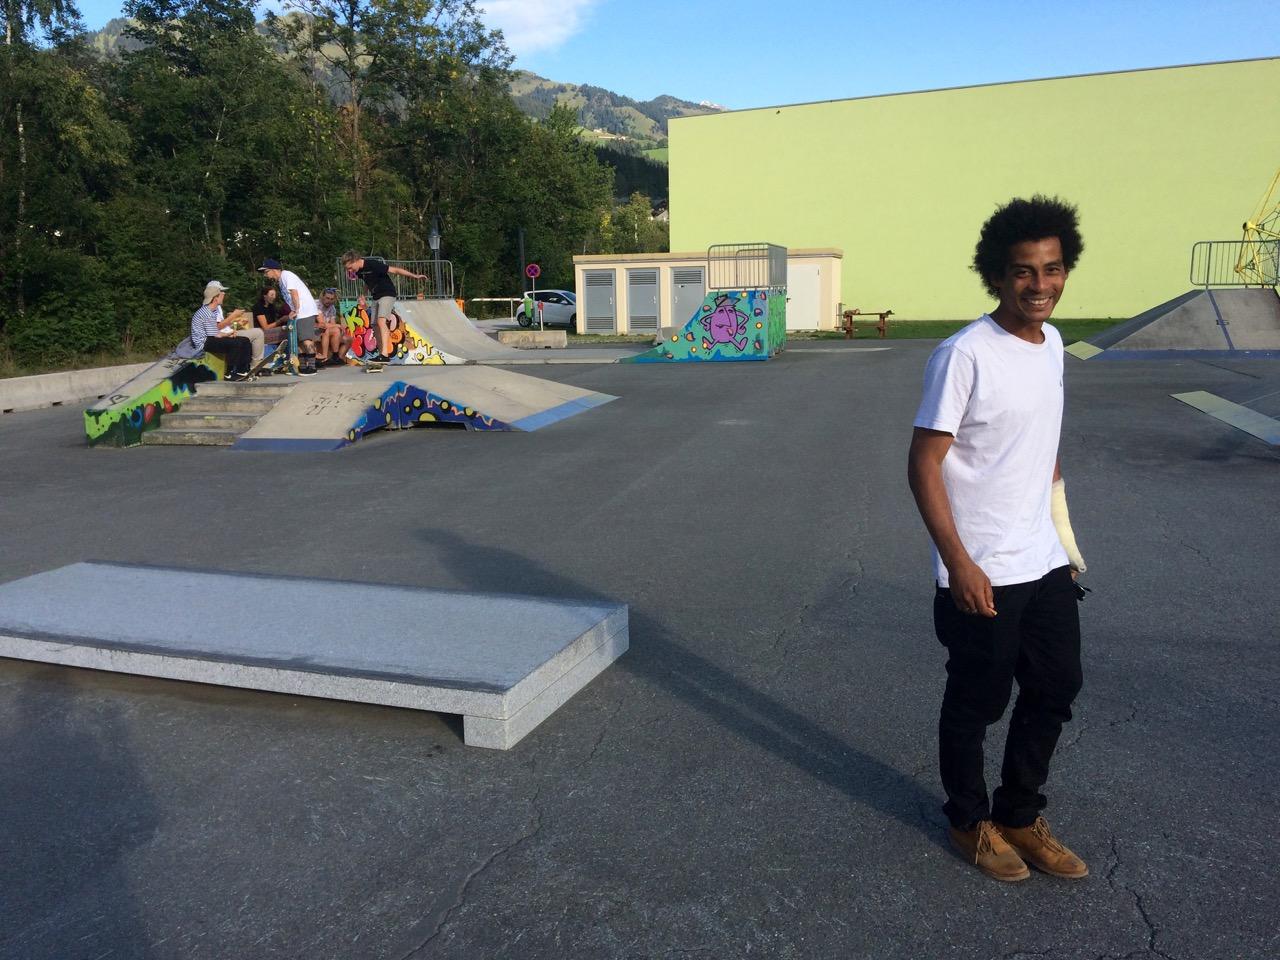 Skateboarder Chris Pfanner am Skatepark Kitzbühel